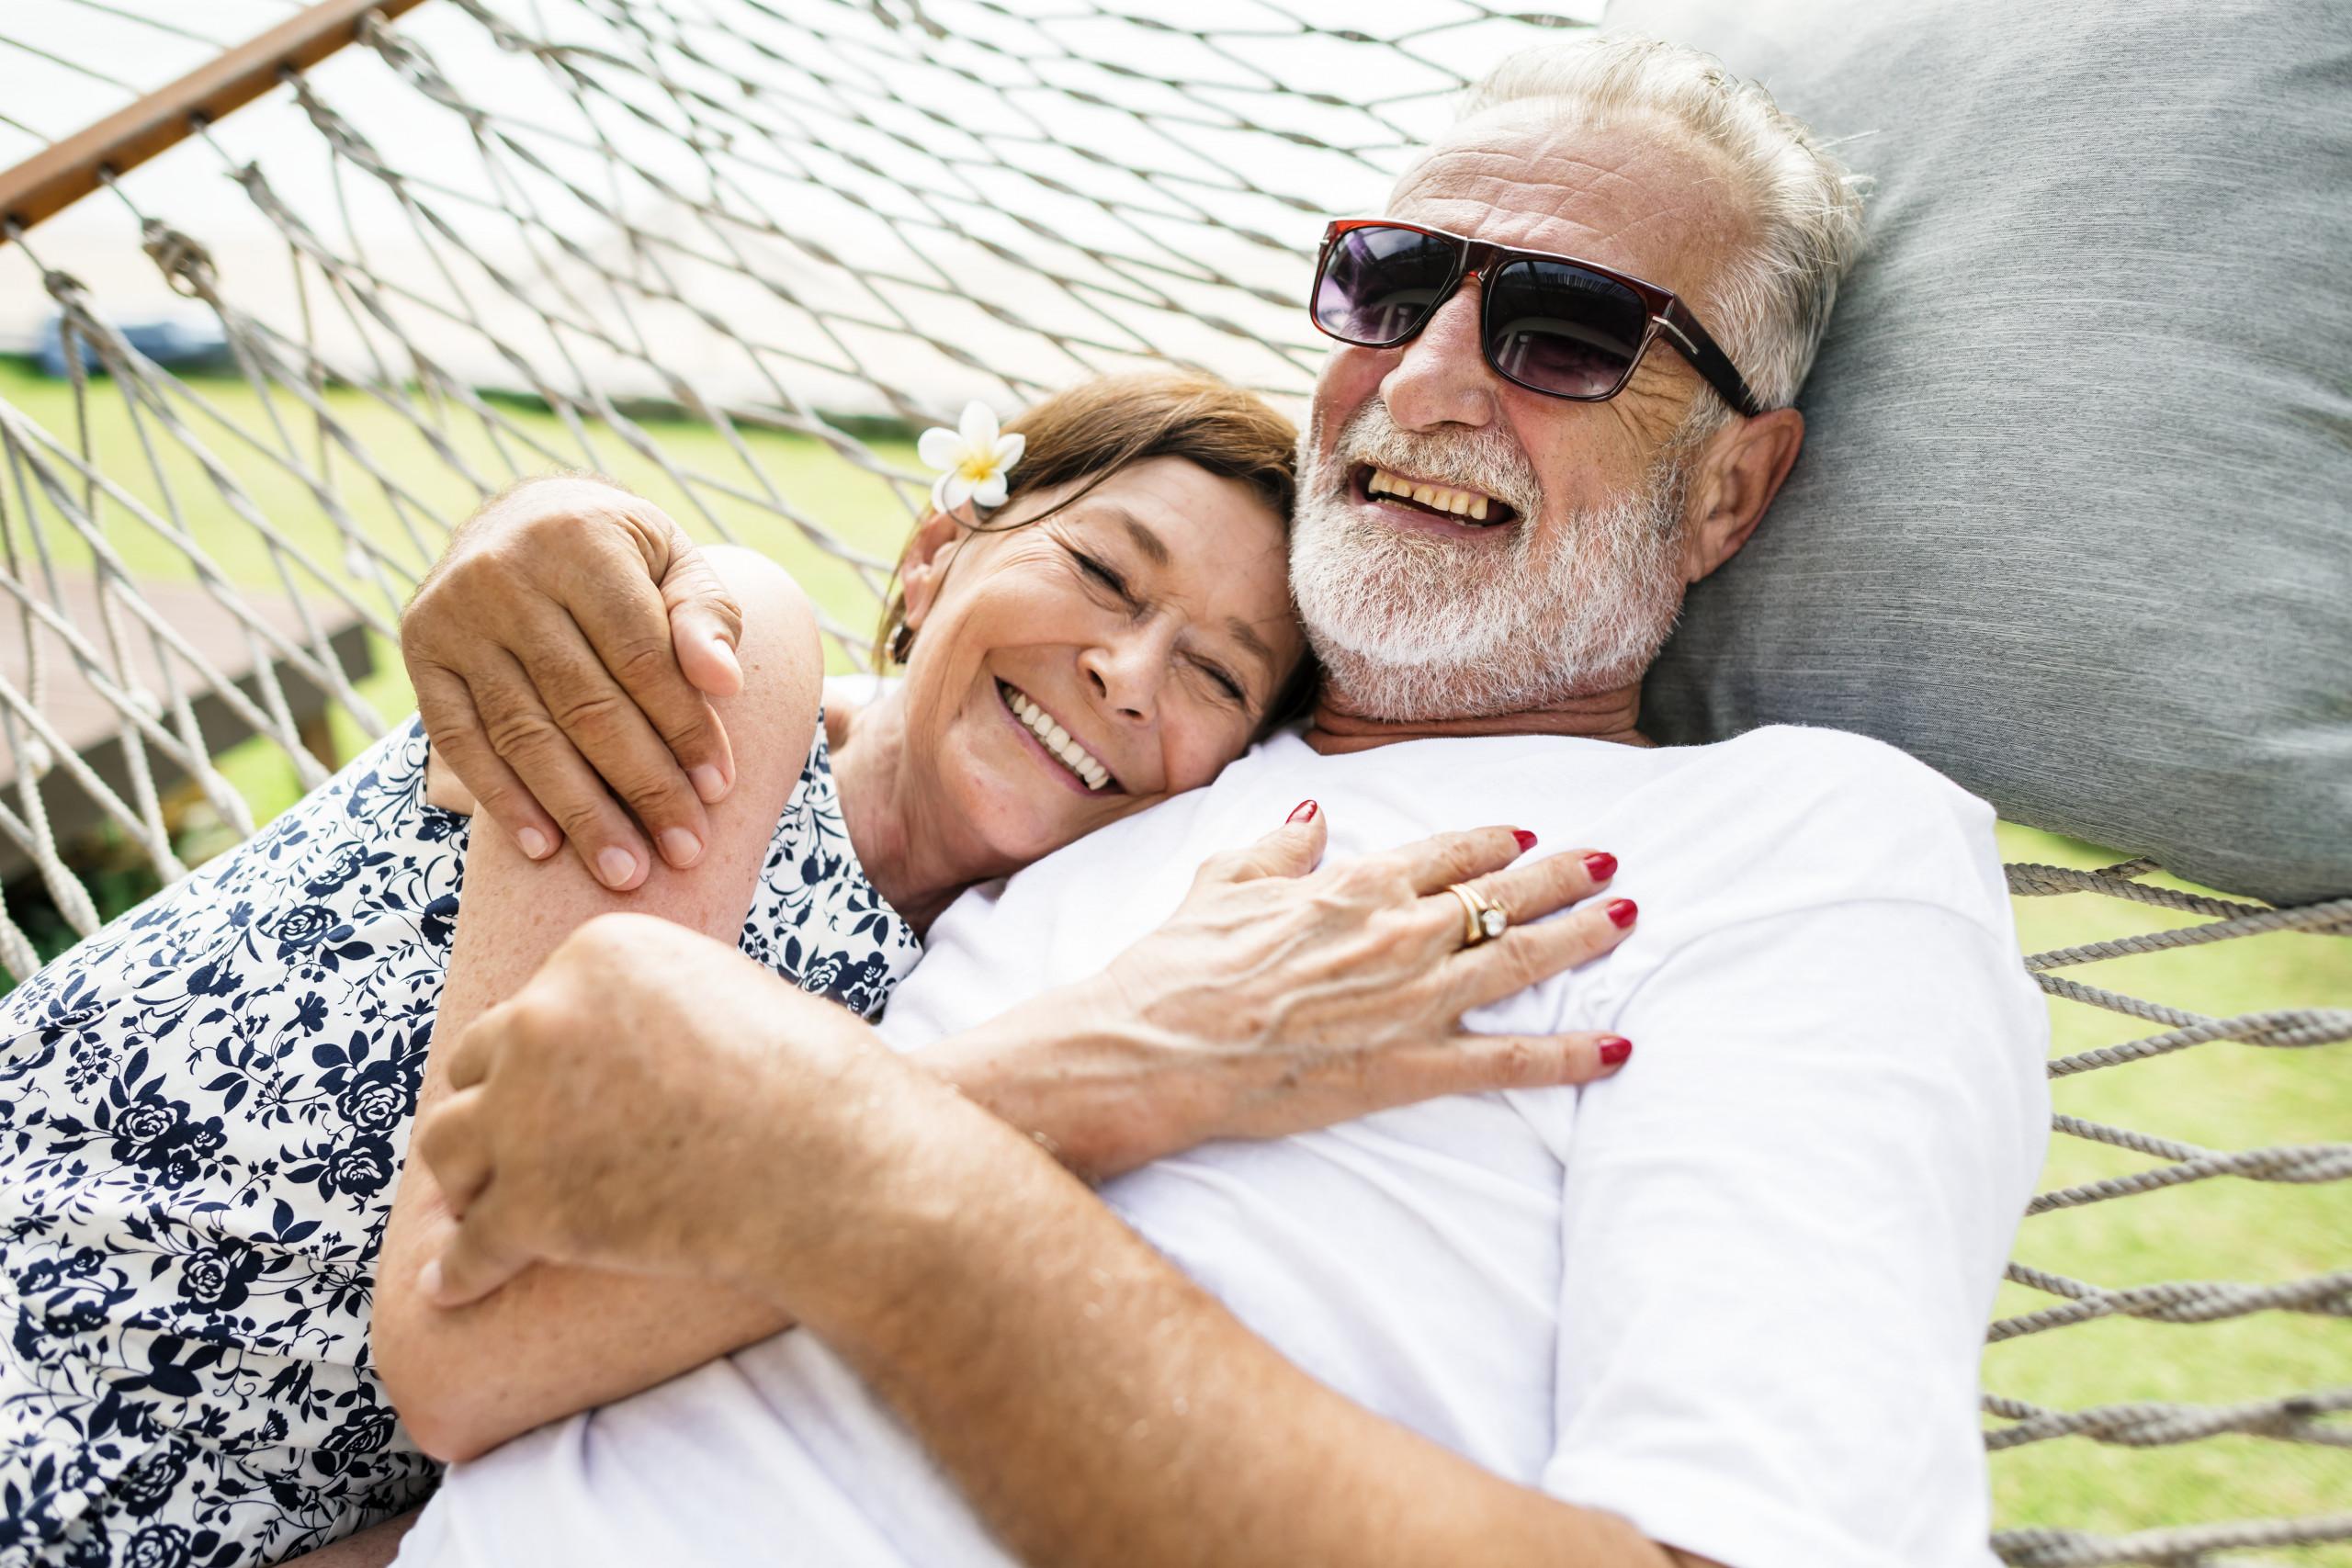 Ciesz się zdrowiem po sześćdziesiątce i kochaj całym sercem! Zadbaj o bliskich i siebie - wykonaj badania kontrolne, wprowadź dietę dla seniora bogatą w sterole roślinne obniżające wysoki cholesterol.